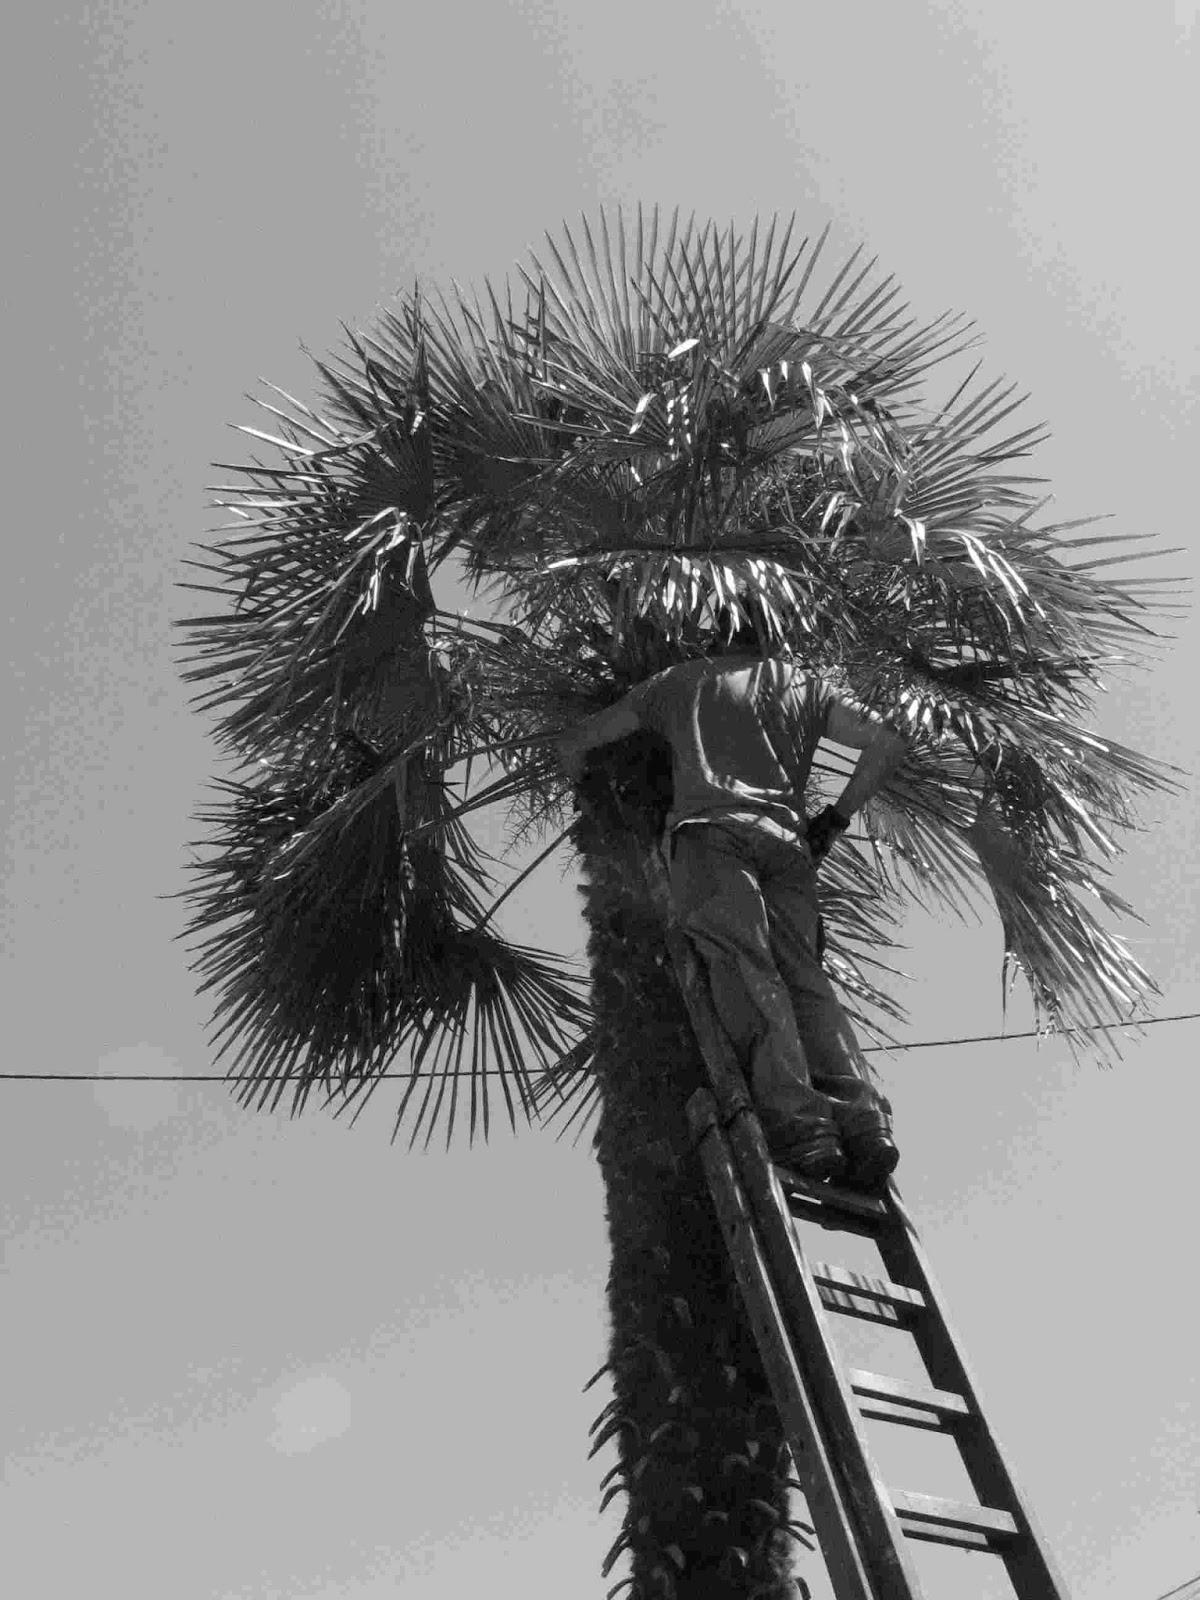 Bleu delphinium taille d 39 entretien d 39 un palmier - Entretien d un palmier ...